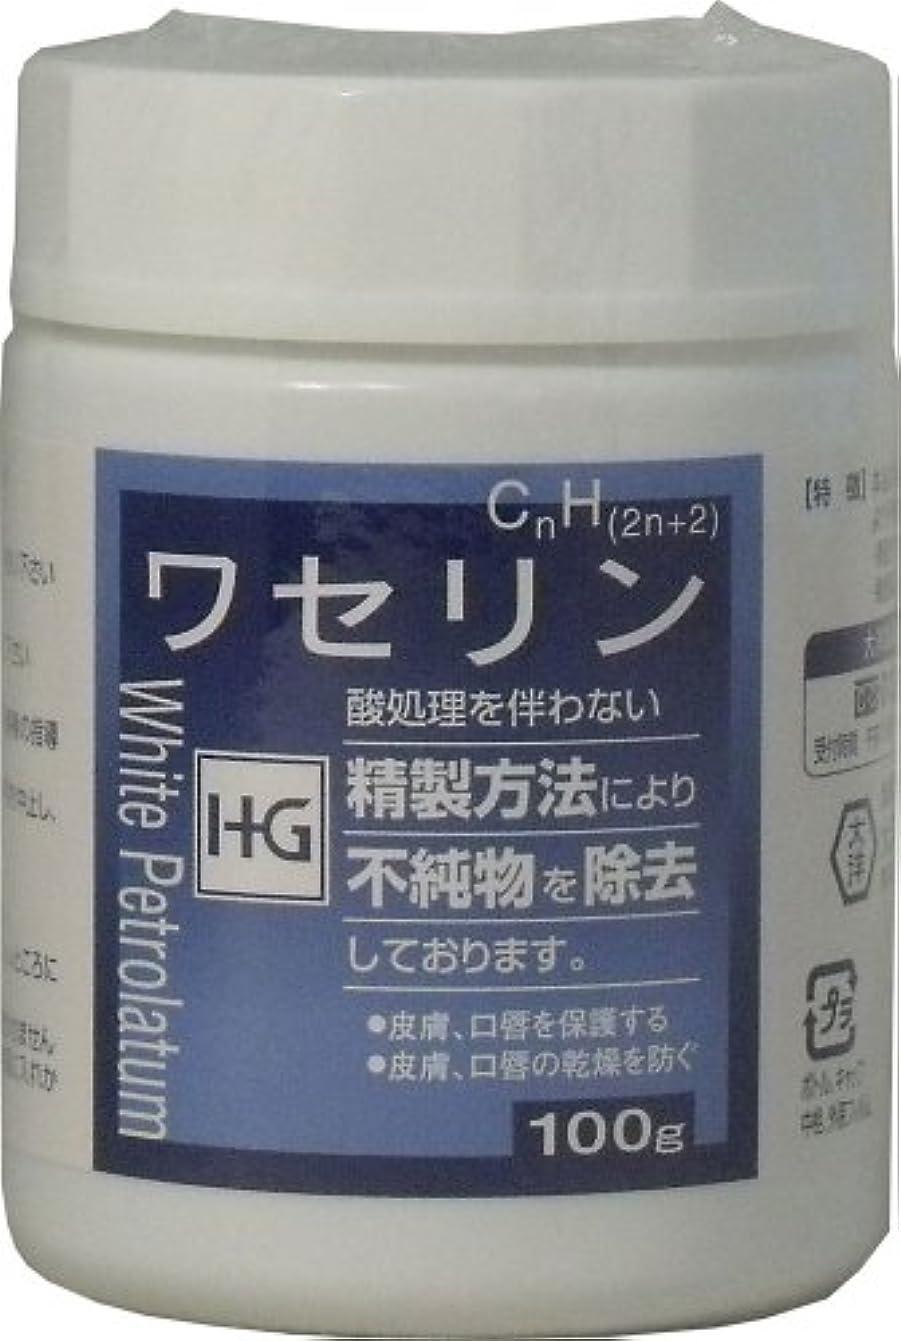 忘れられない谷所得皮膚保護 ワセリンHG 100g ×10個セット